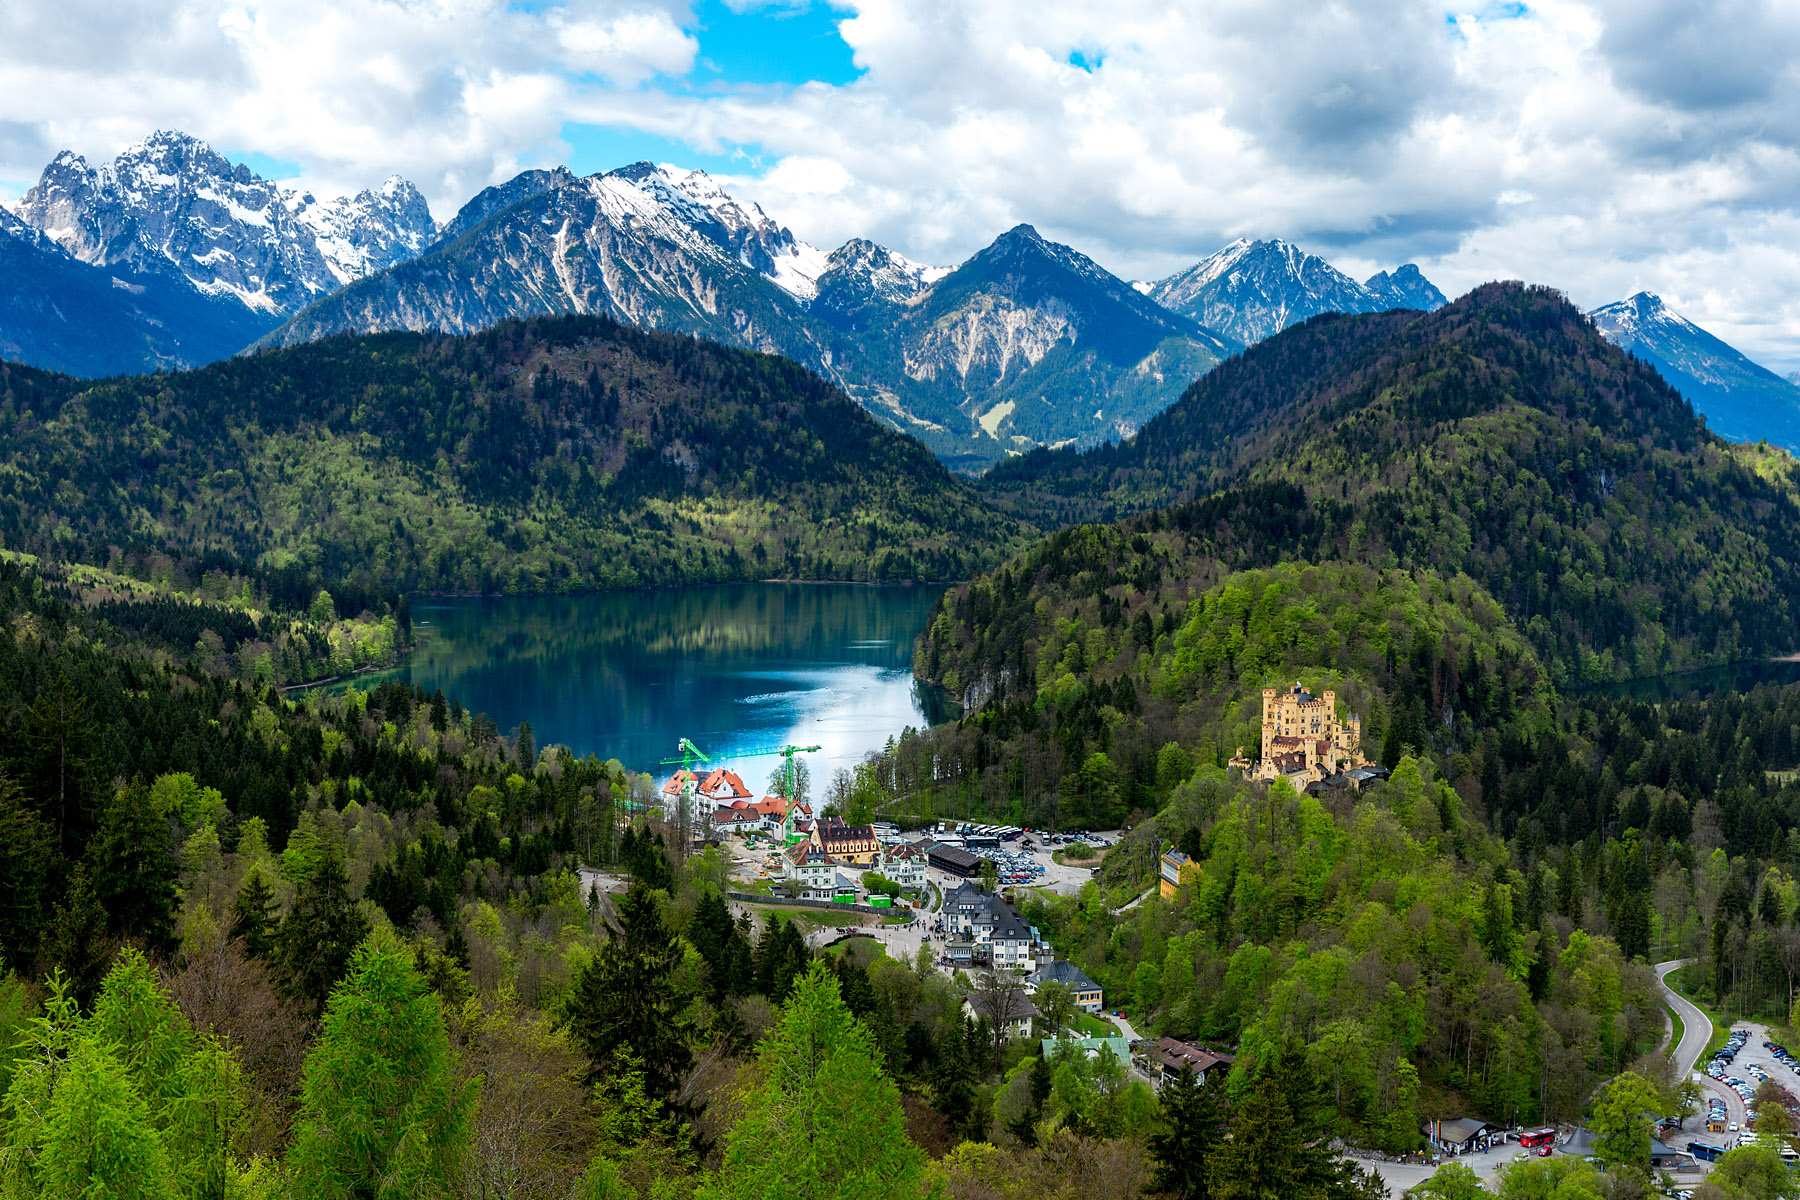 The view from Neuschwanstein.